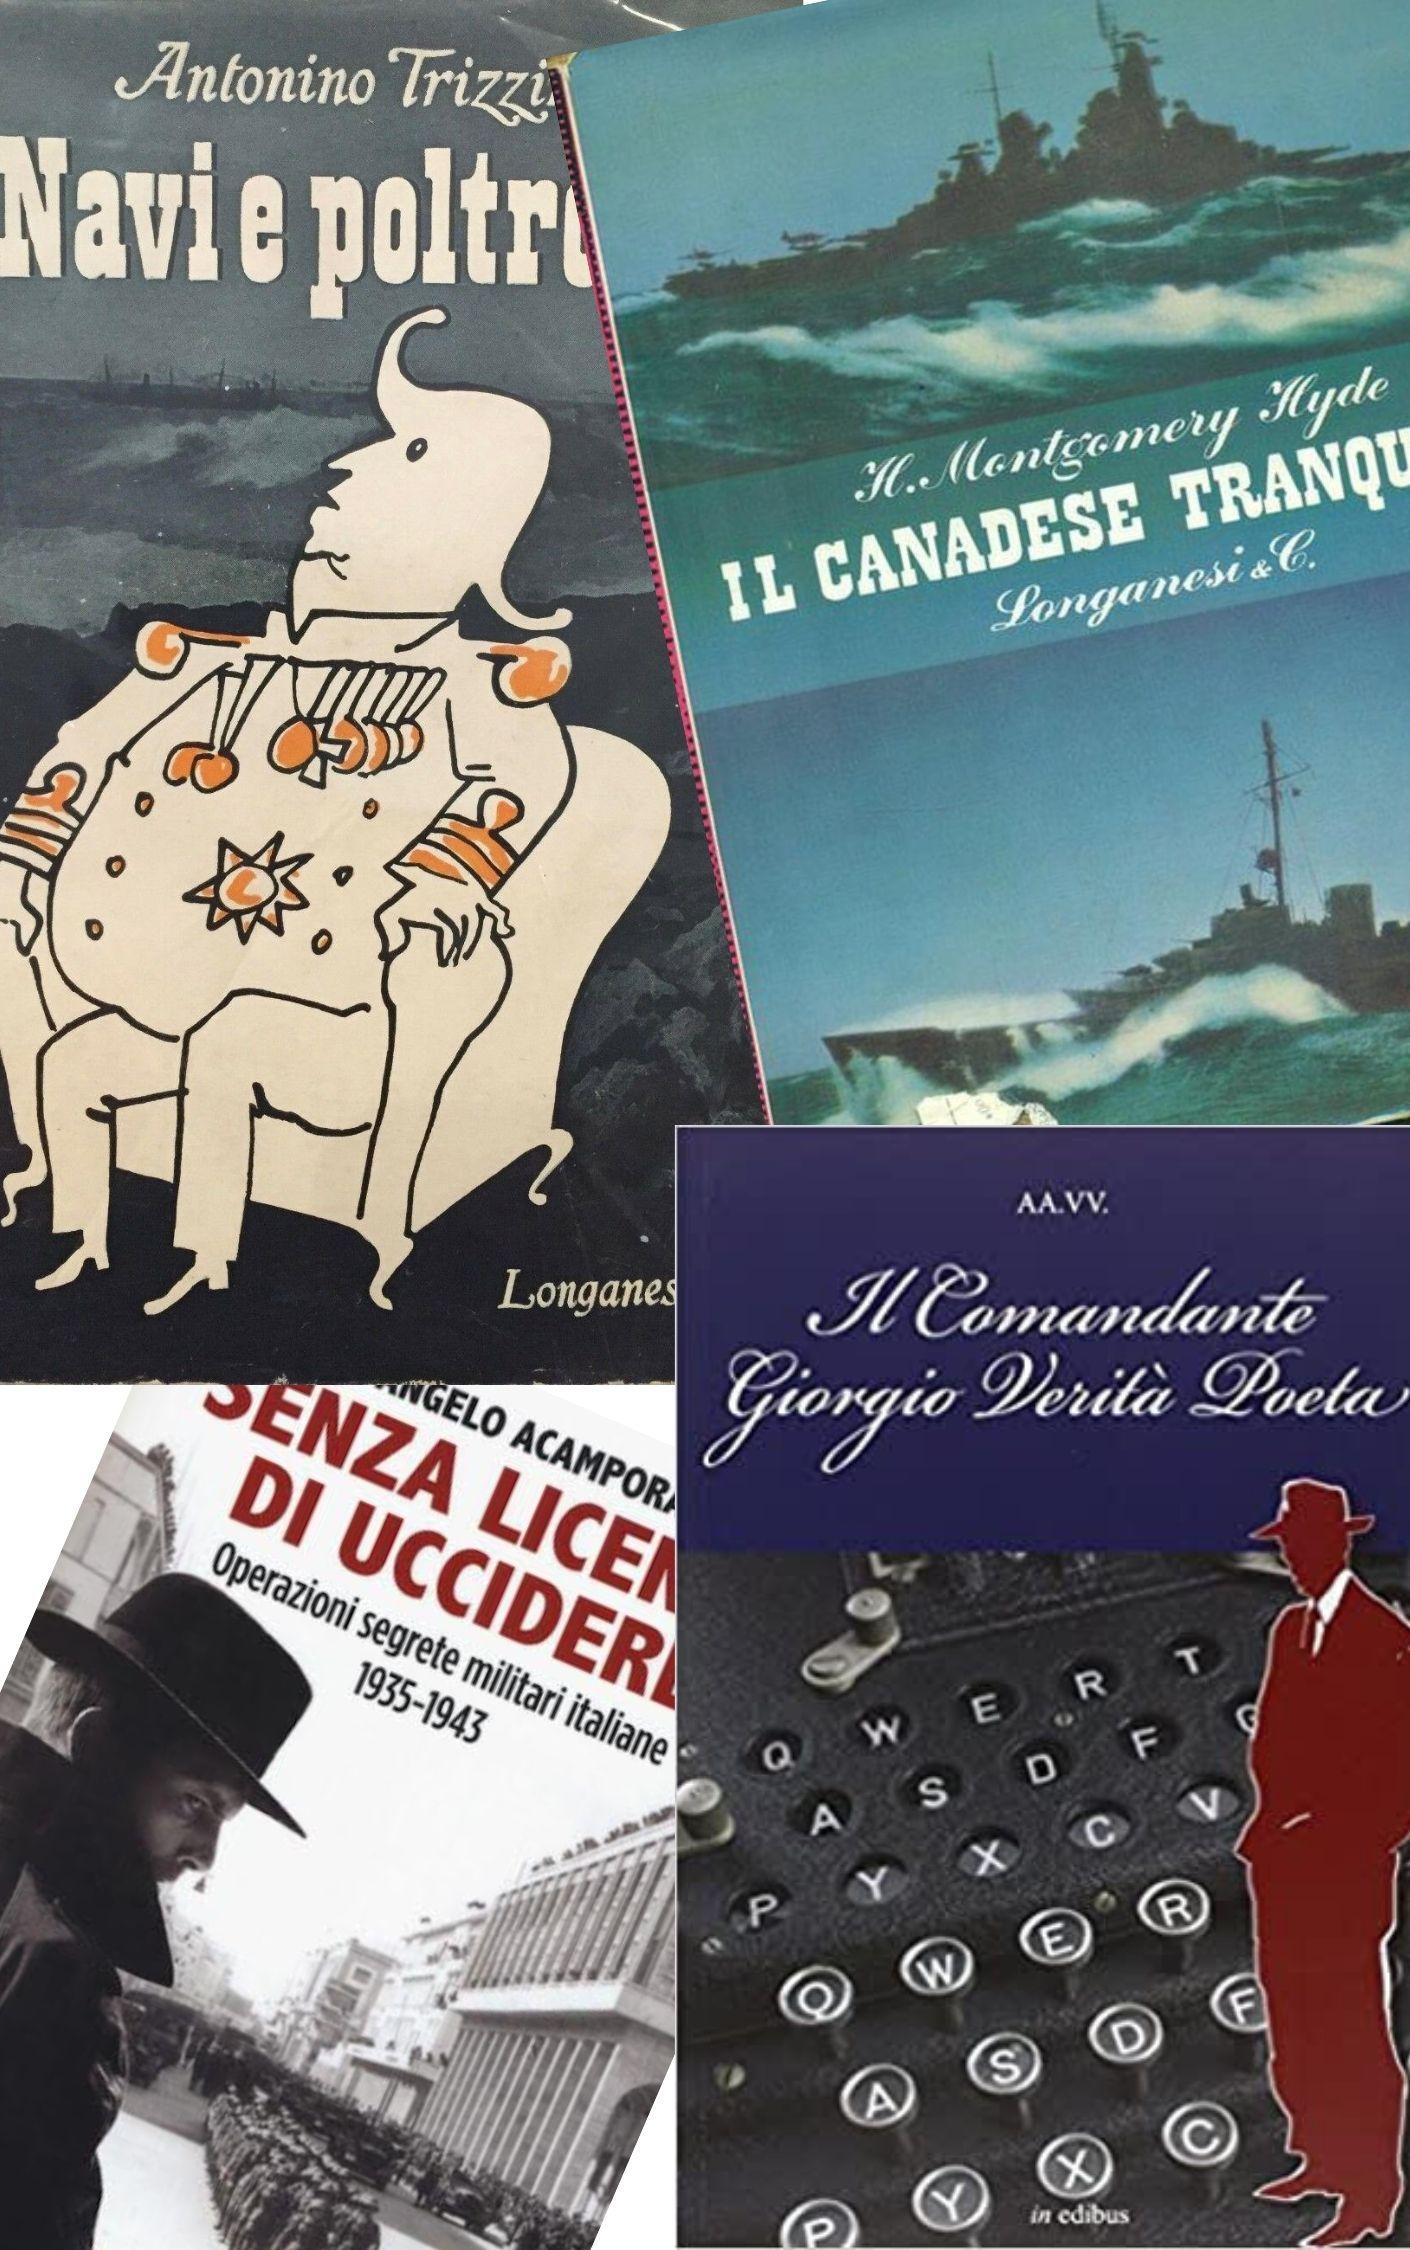 Storie di spie, tra ammiragli, codici segreti, donne misteriose e libri ritirati dal commercio